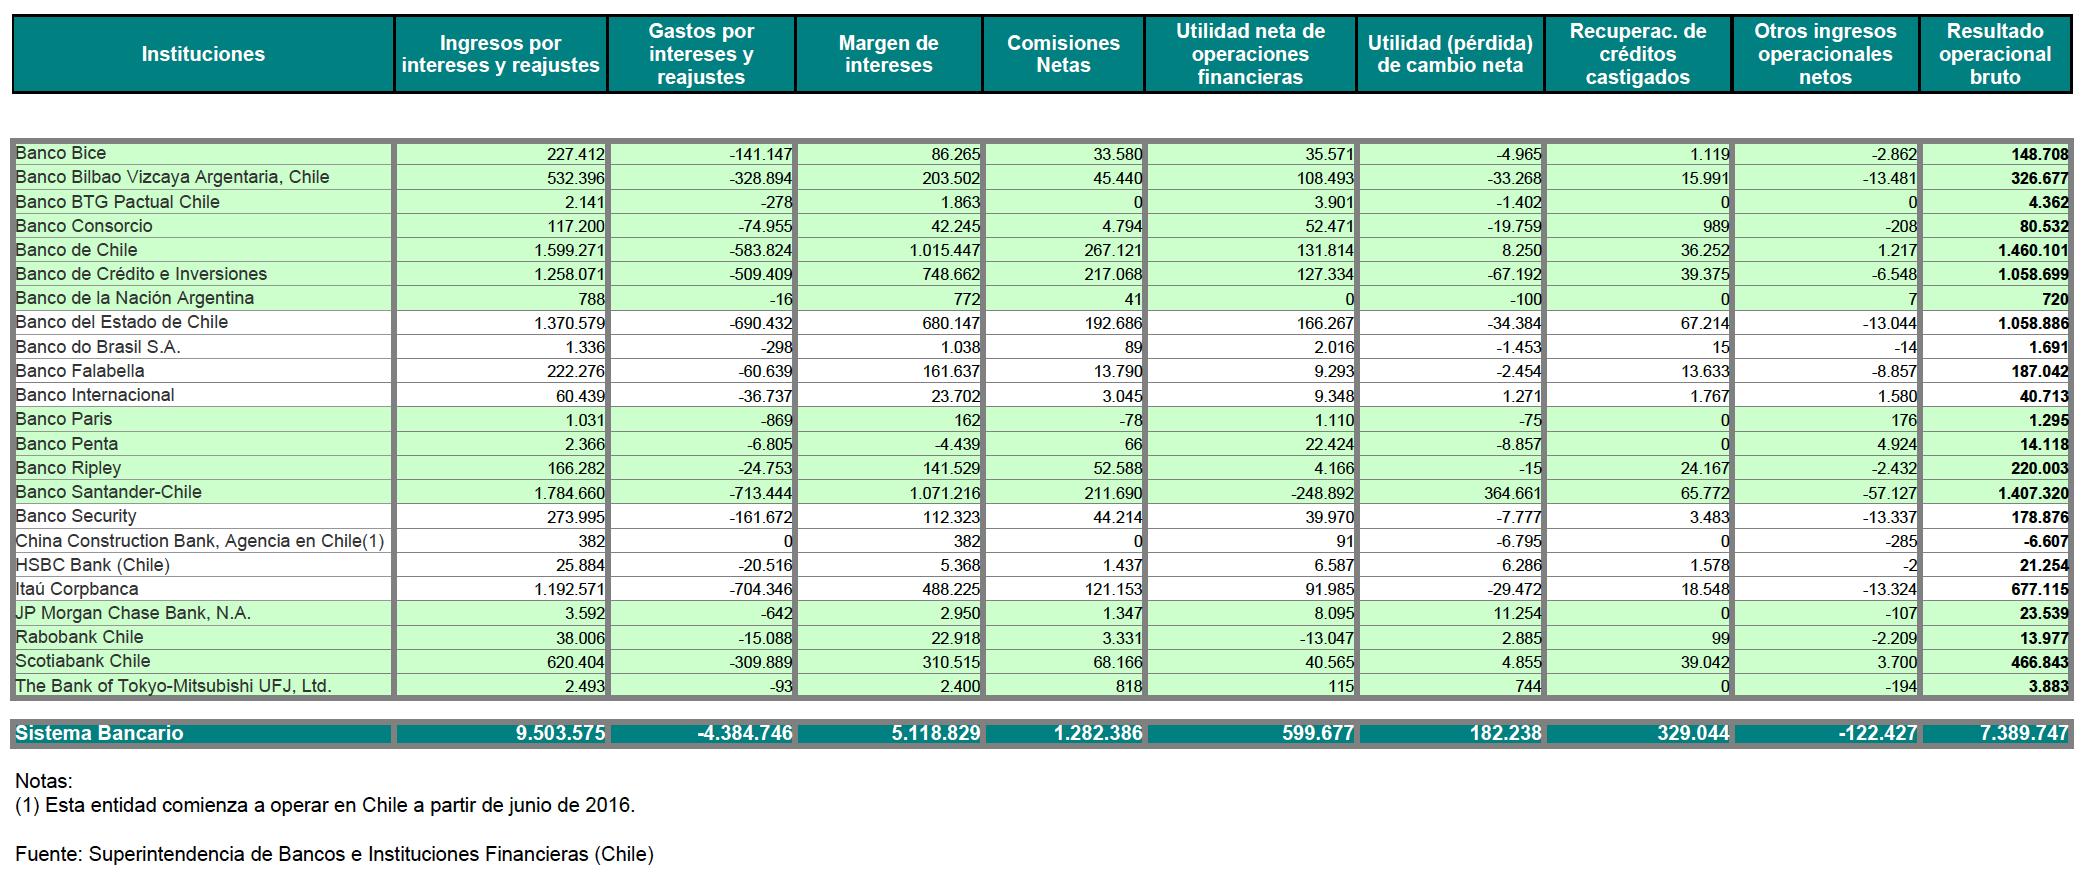 Mejores bancos Chile para 2017: Resultados